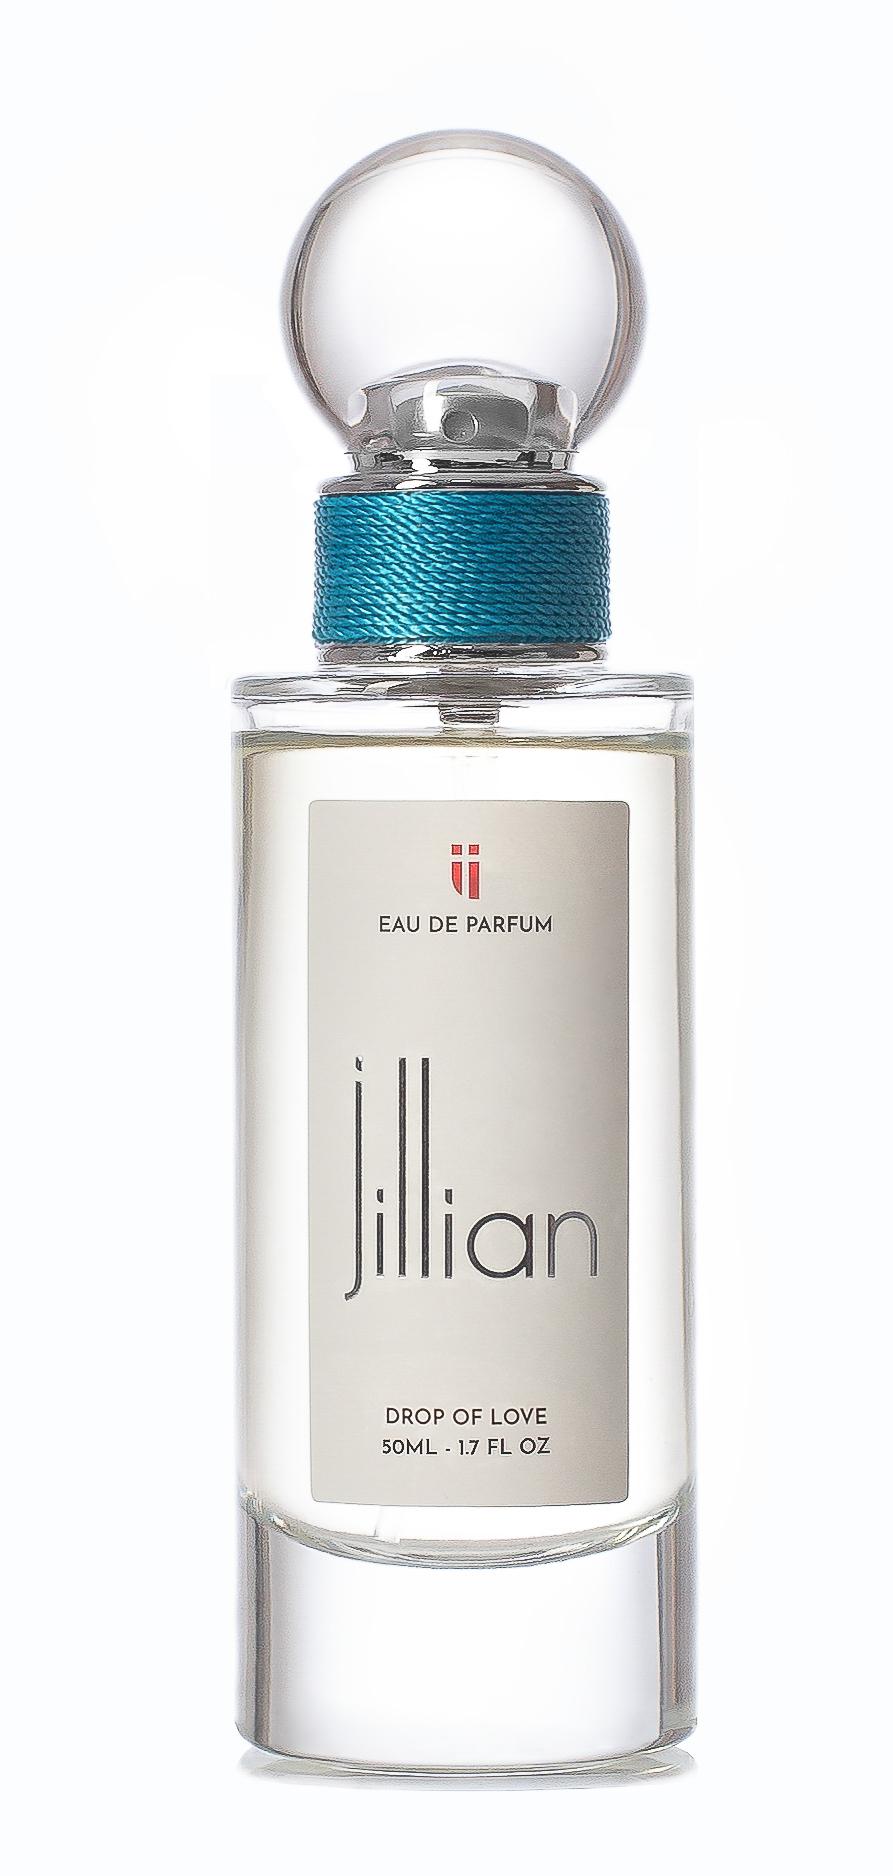 đánh giá nước hoa jillian